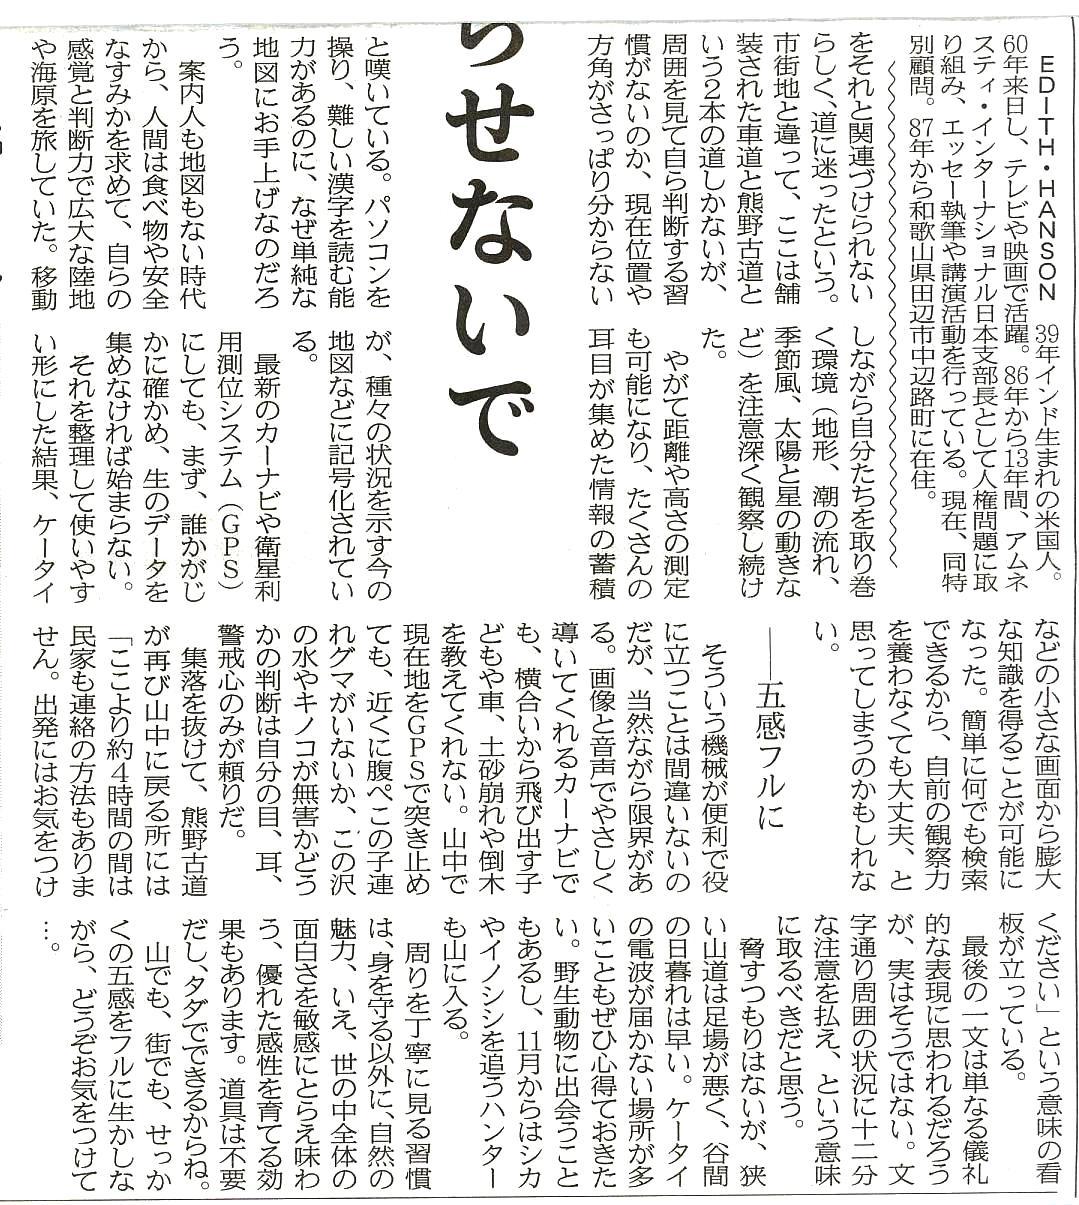 新聞記事0020036.JPG